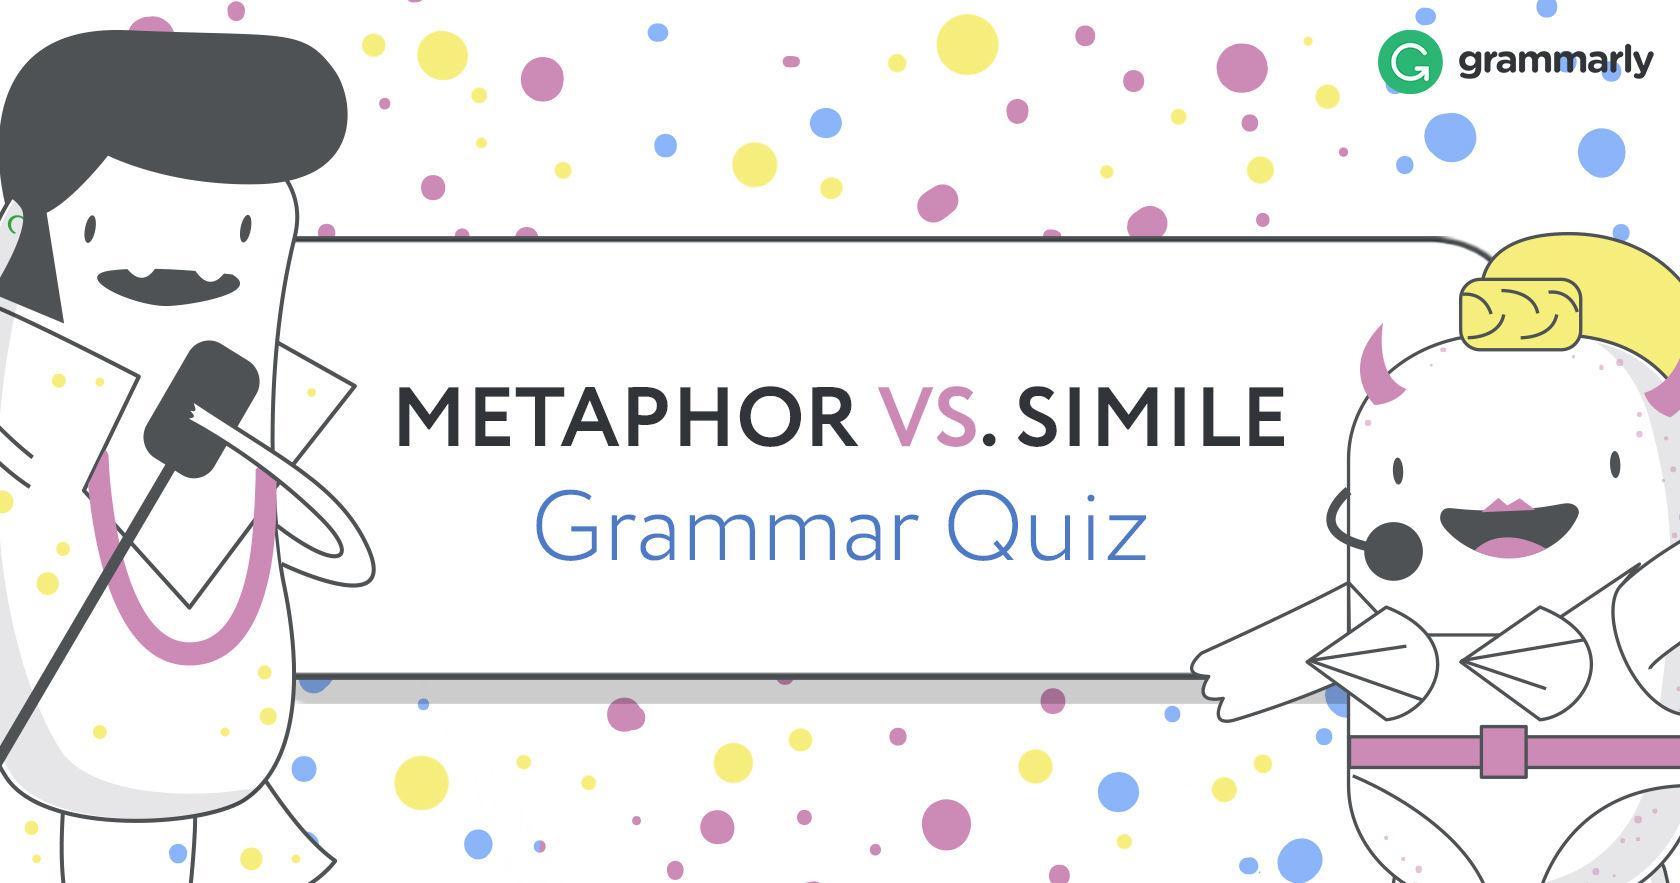 Metaphor Vs Simile Grammar Quiz